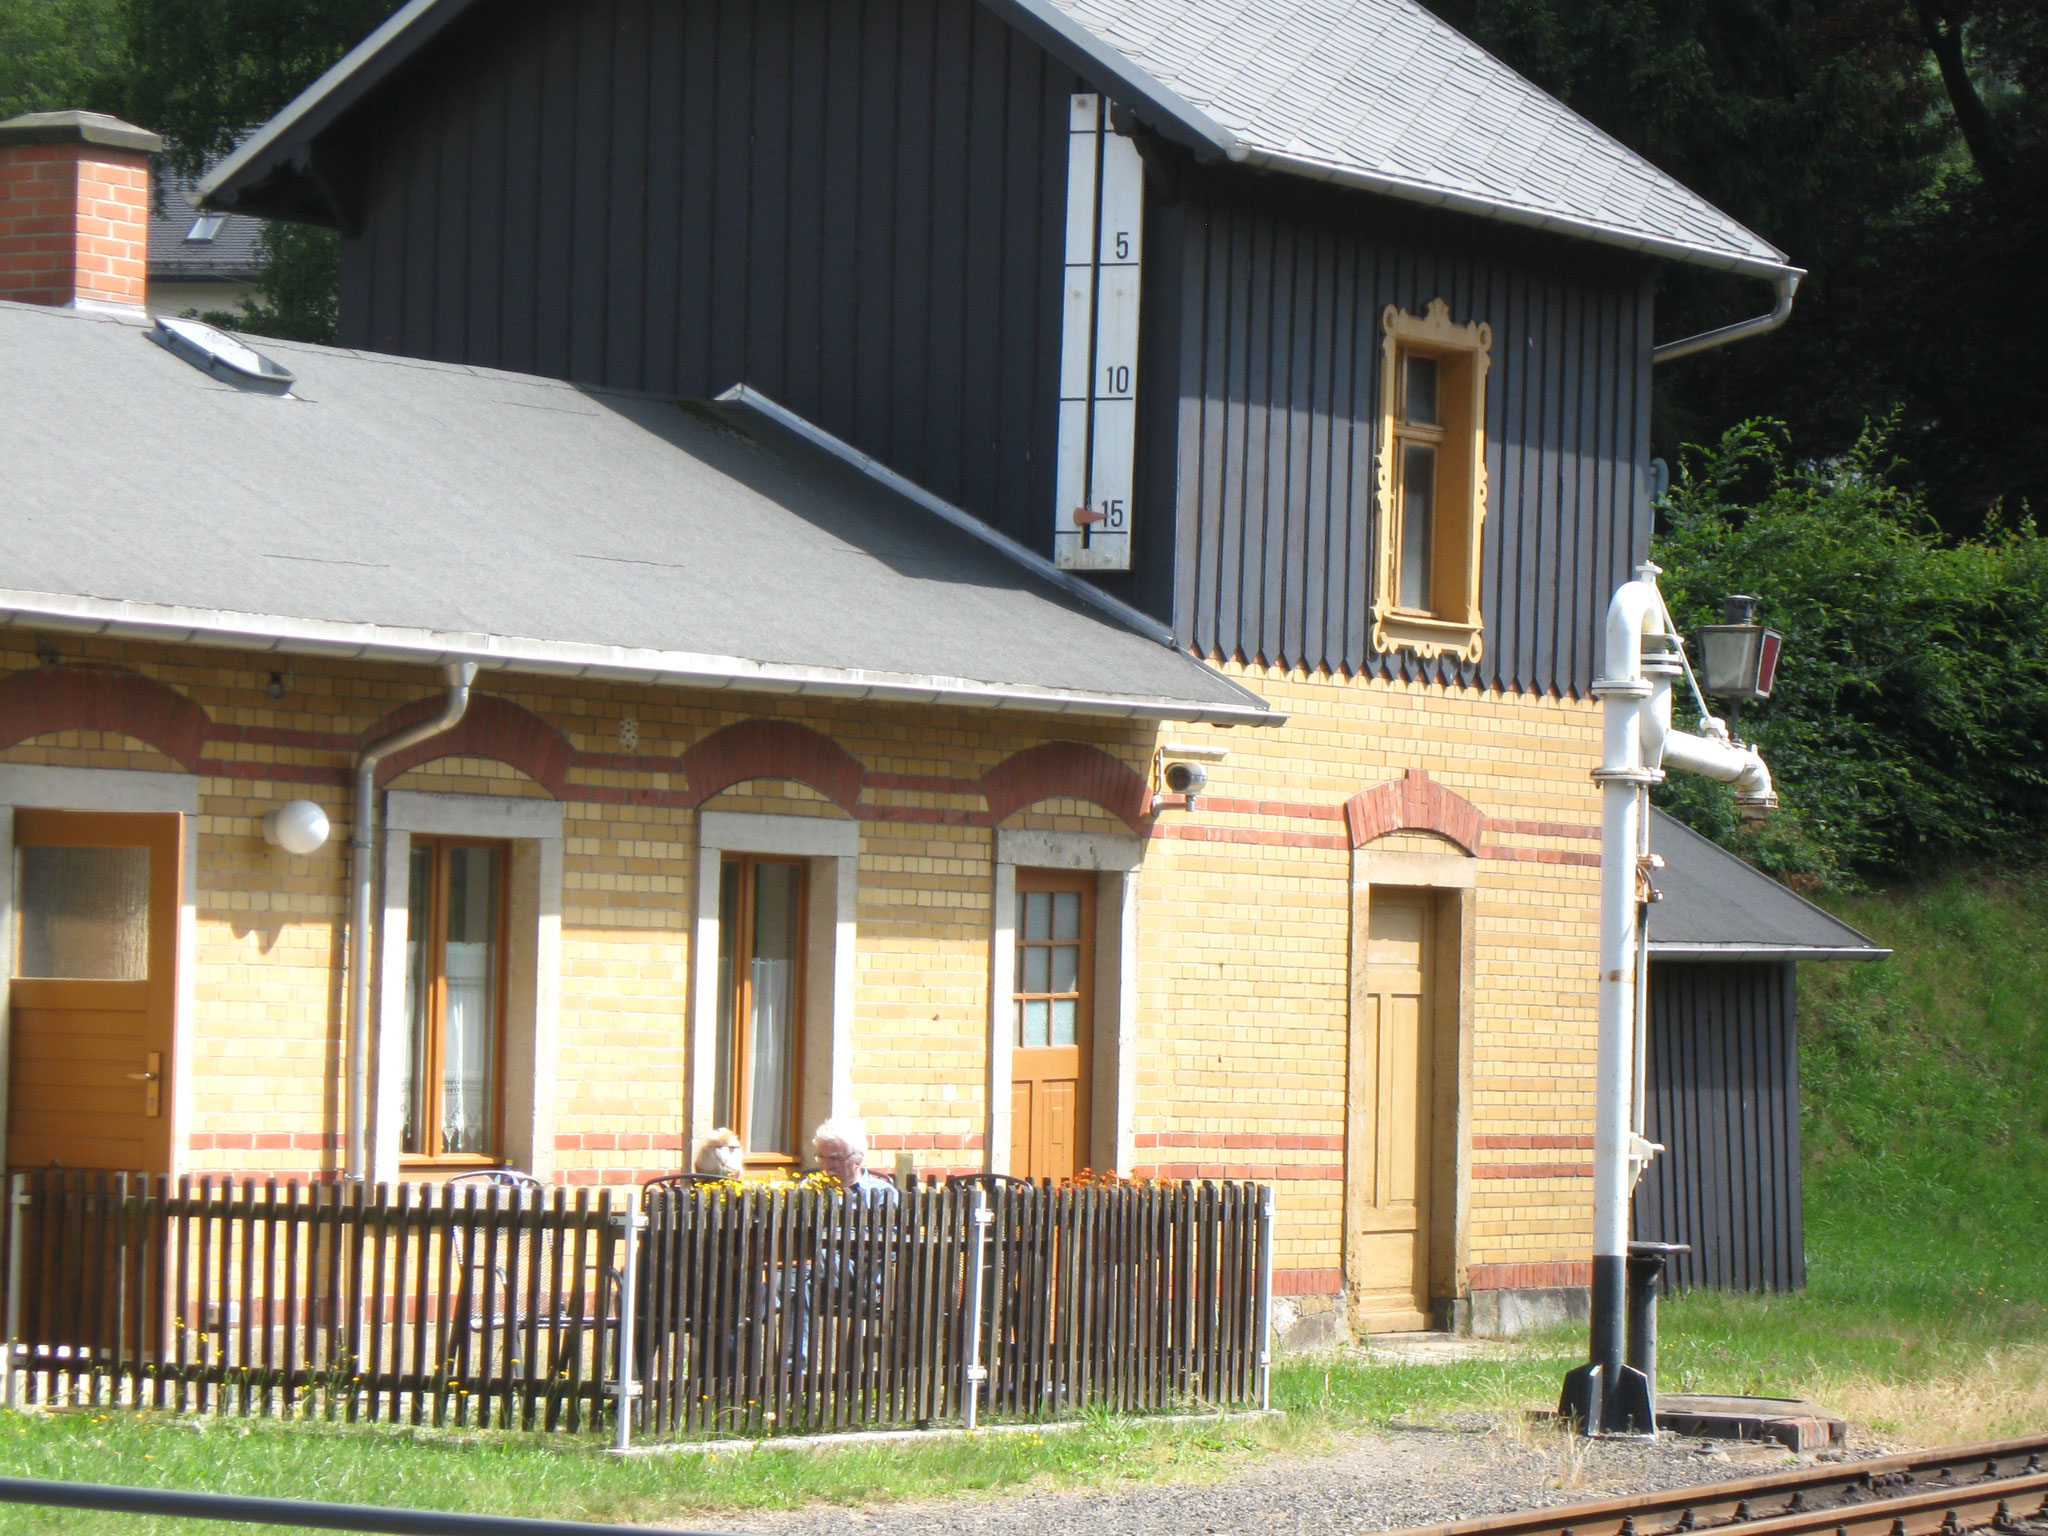 FW im alten Bahnhofsgebäude